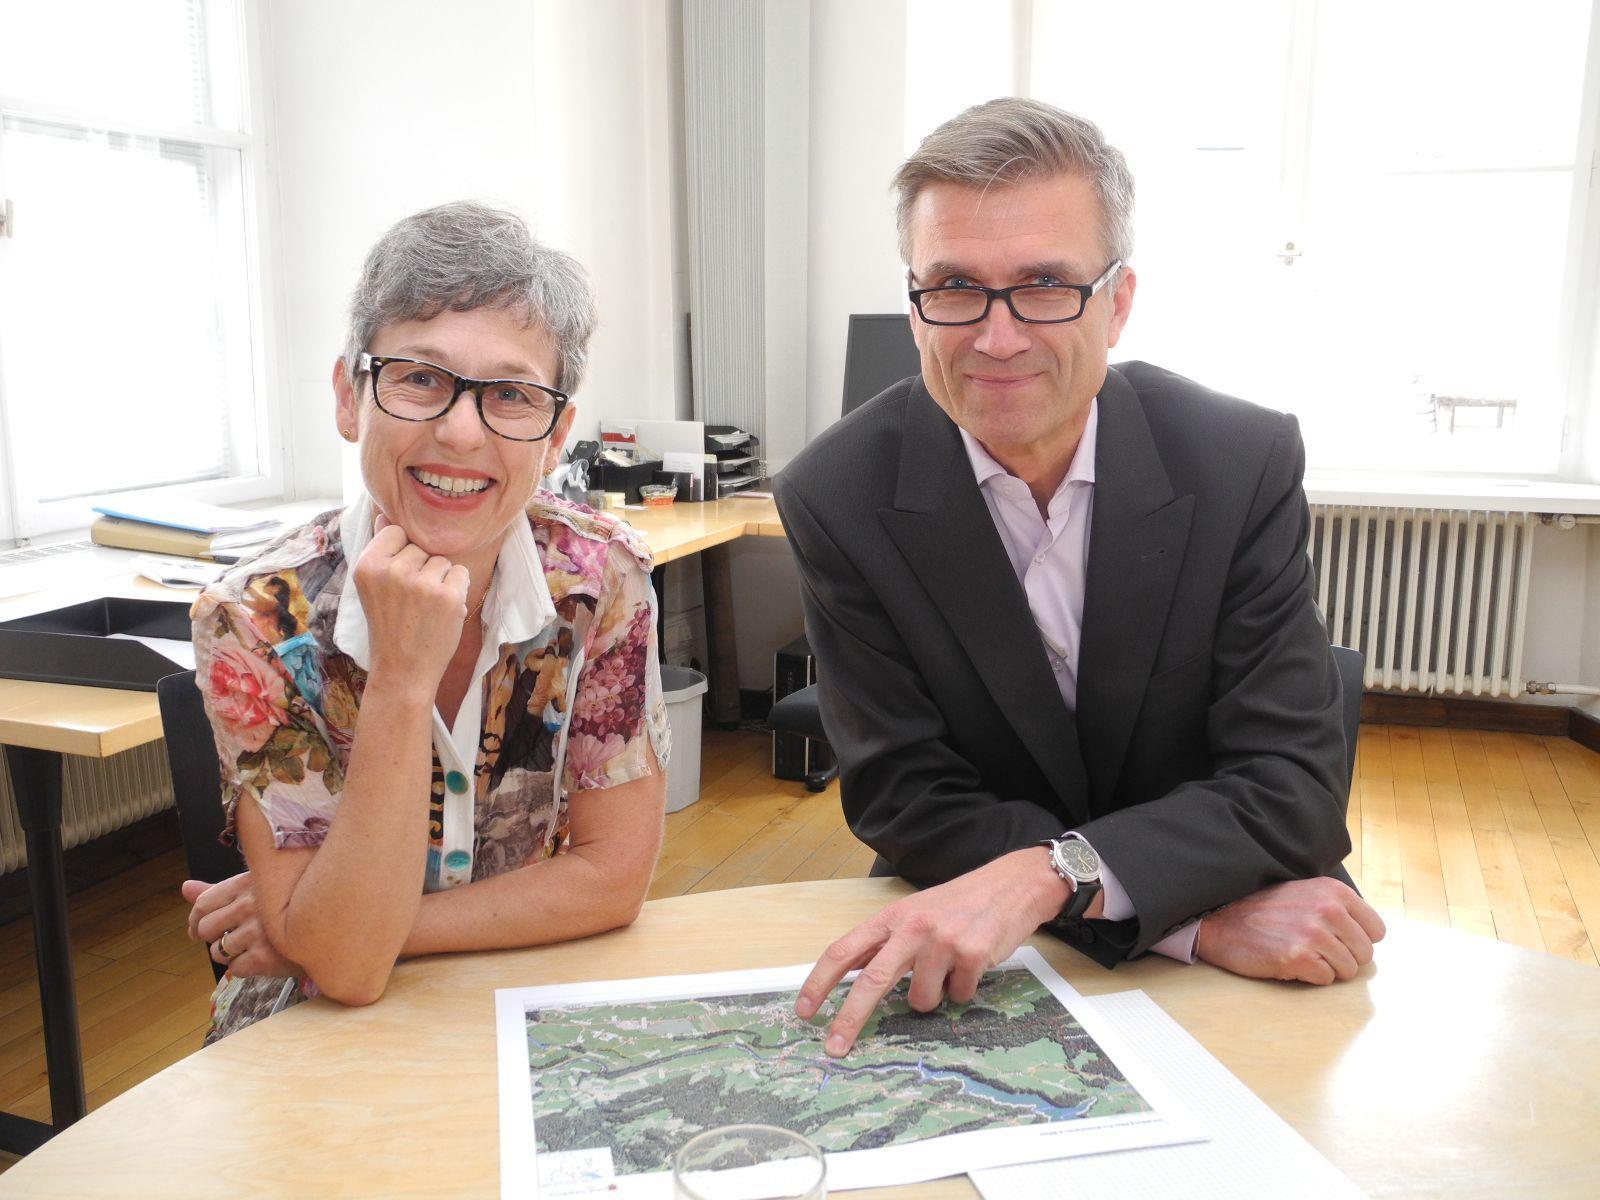 Stadträtin Angelika Lener mit Stadtbaumeister Gabor Mödlagl informieren über das Baugeschehen.